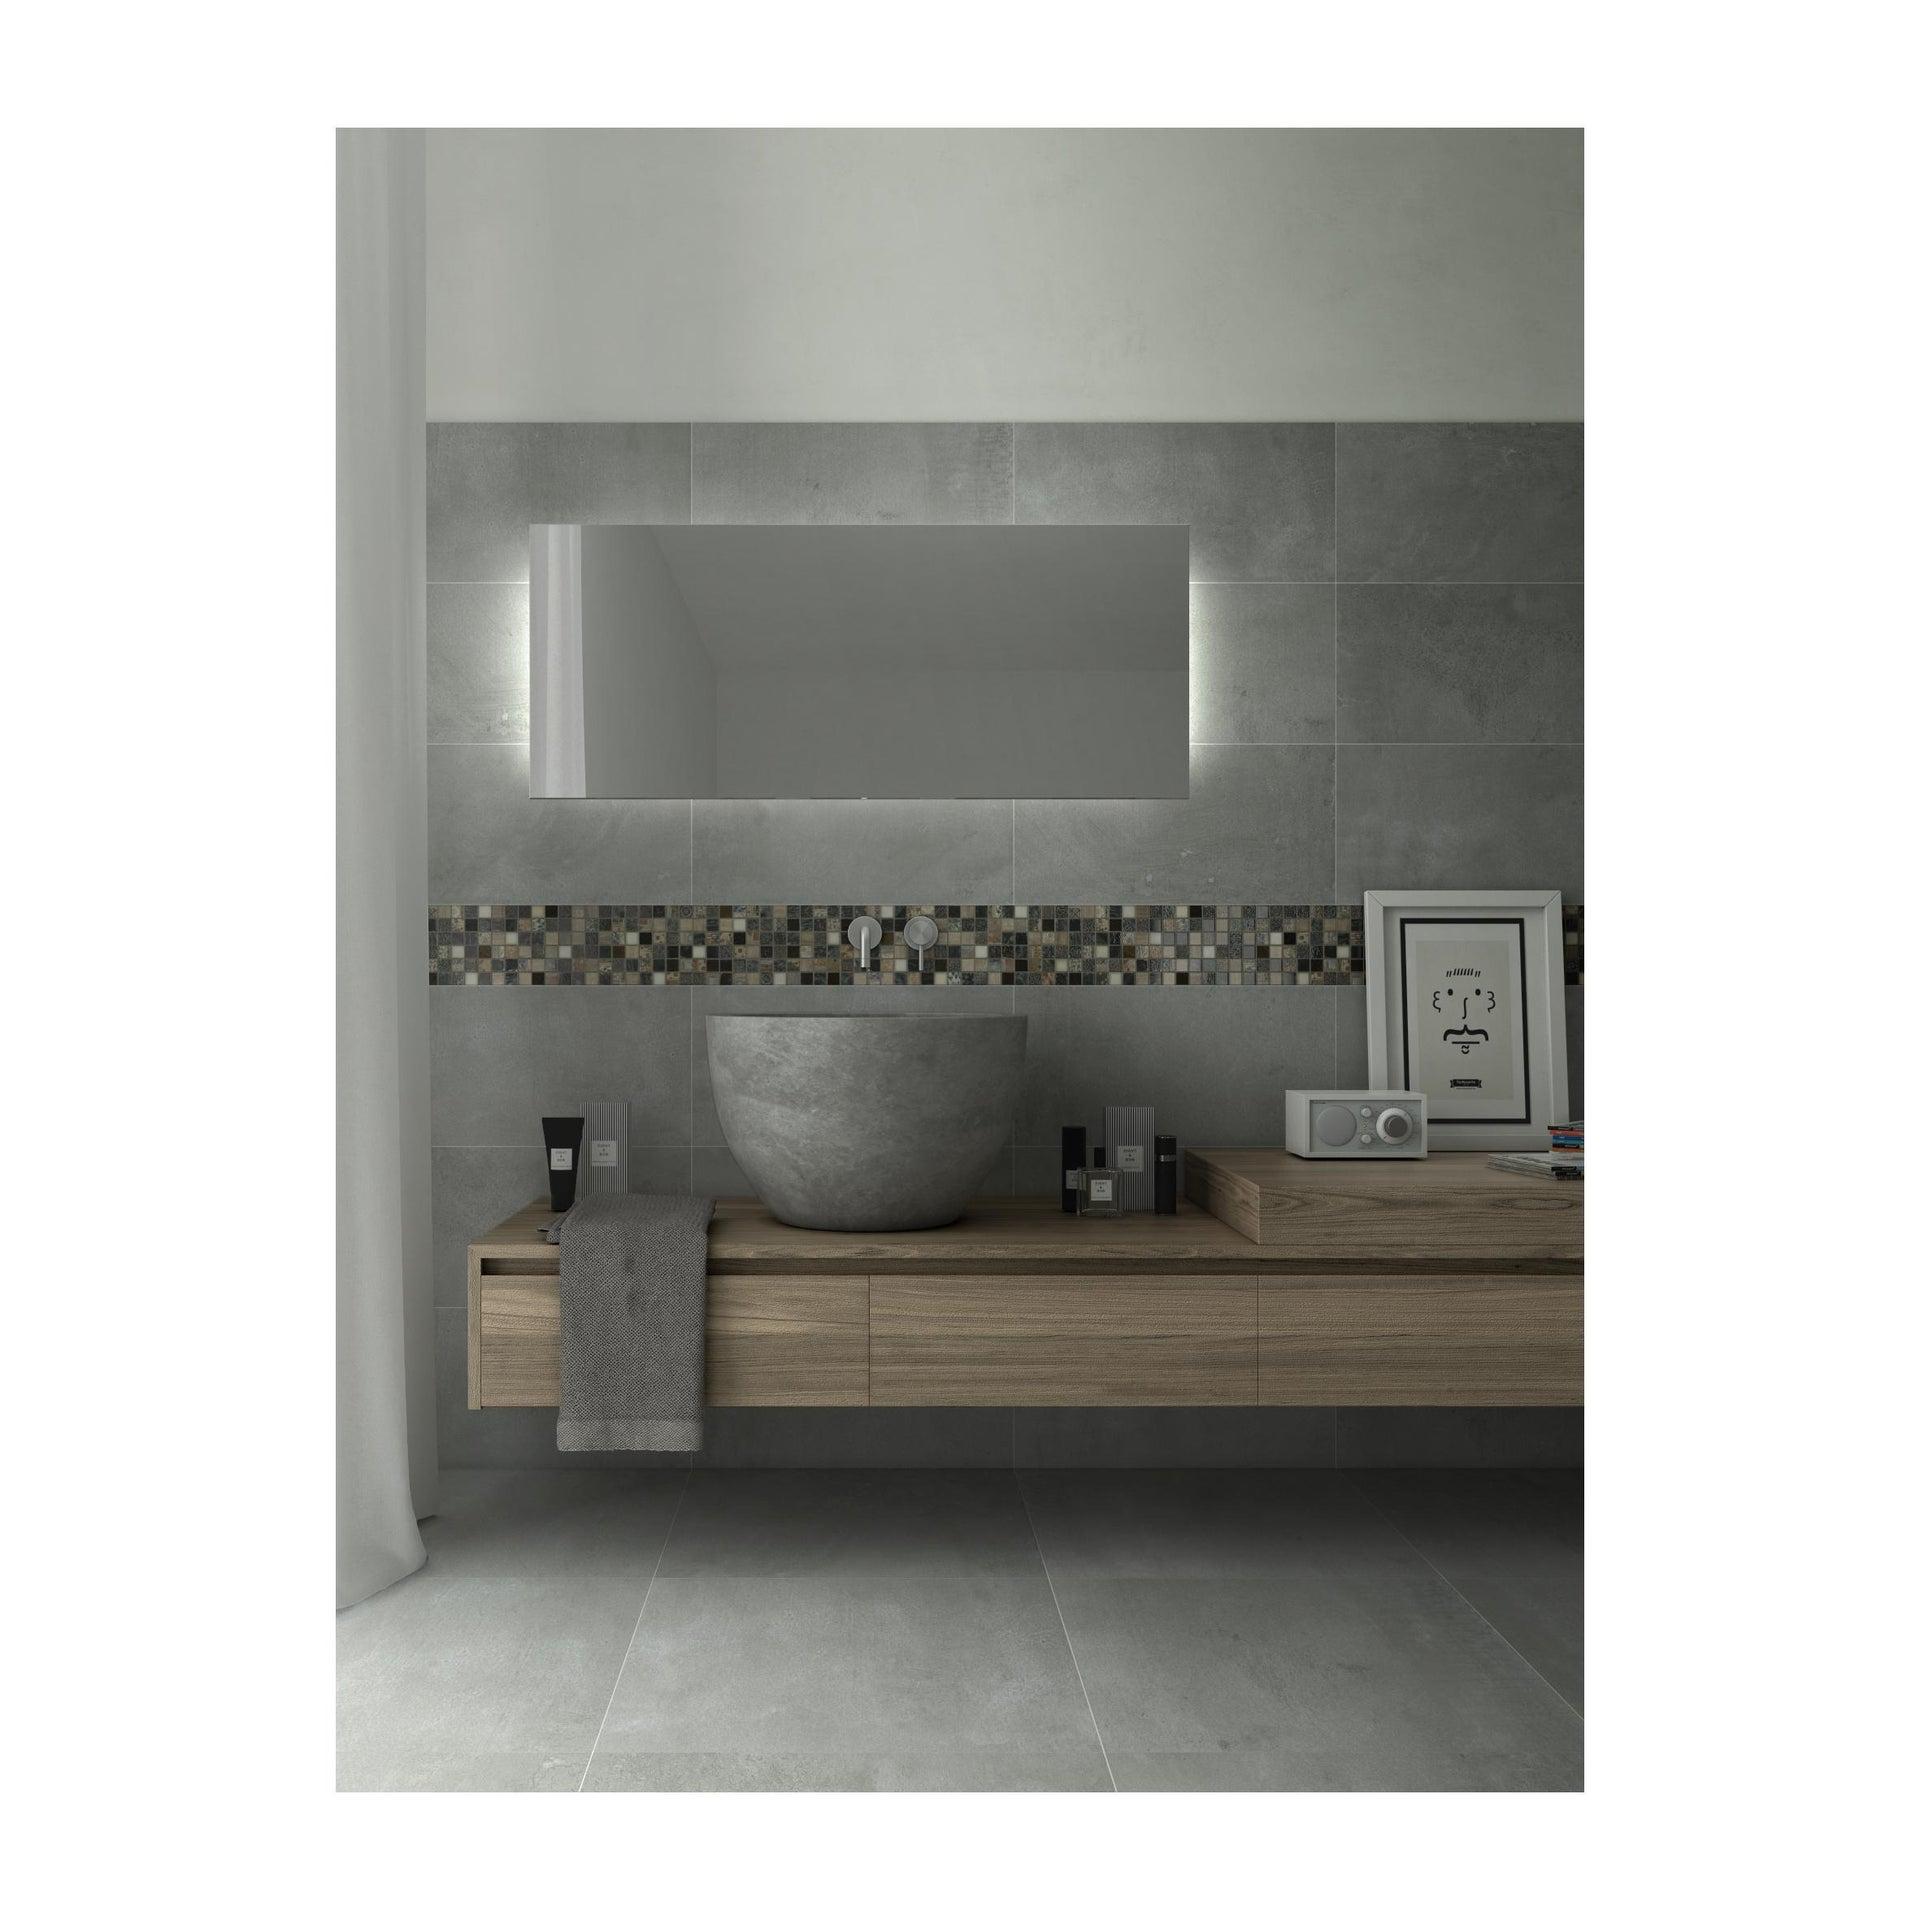 Mosaico Hydre Greyin H 30 x L 30 cm multicolore - 5